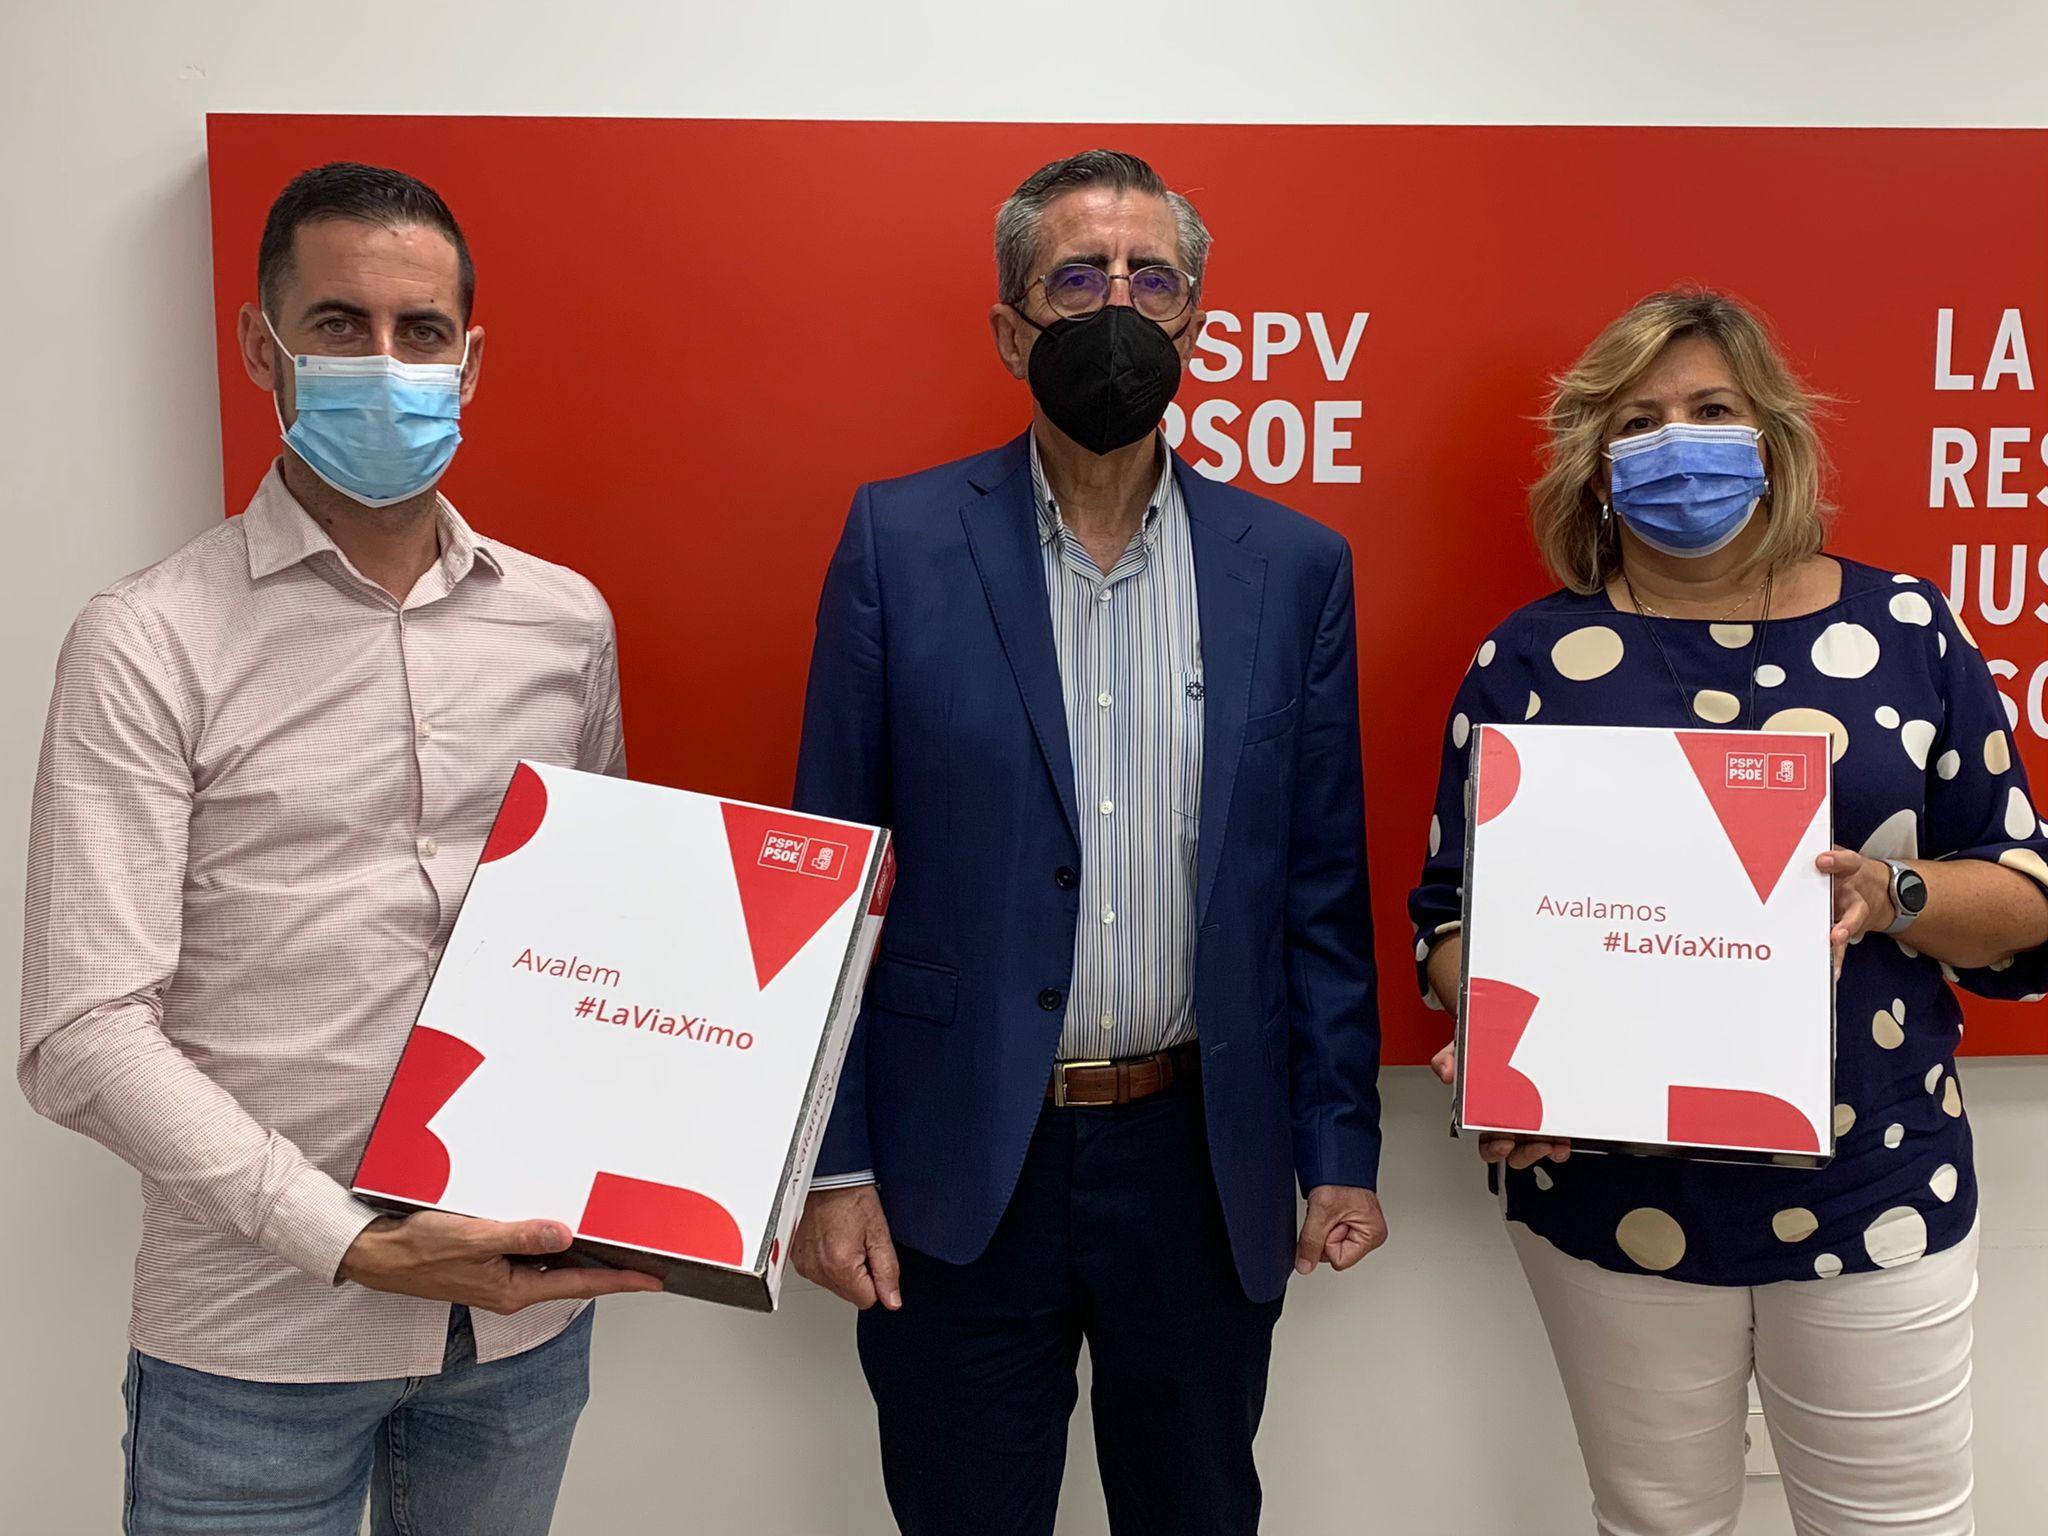 En este momento estás viendo Los representantes de Ximo Puig presentan el máximo de avales que le confirman como candidato único a la Secretaría General del PSPV-PSOE